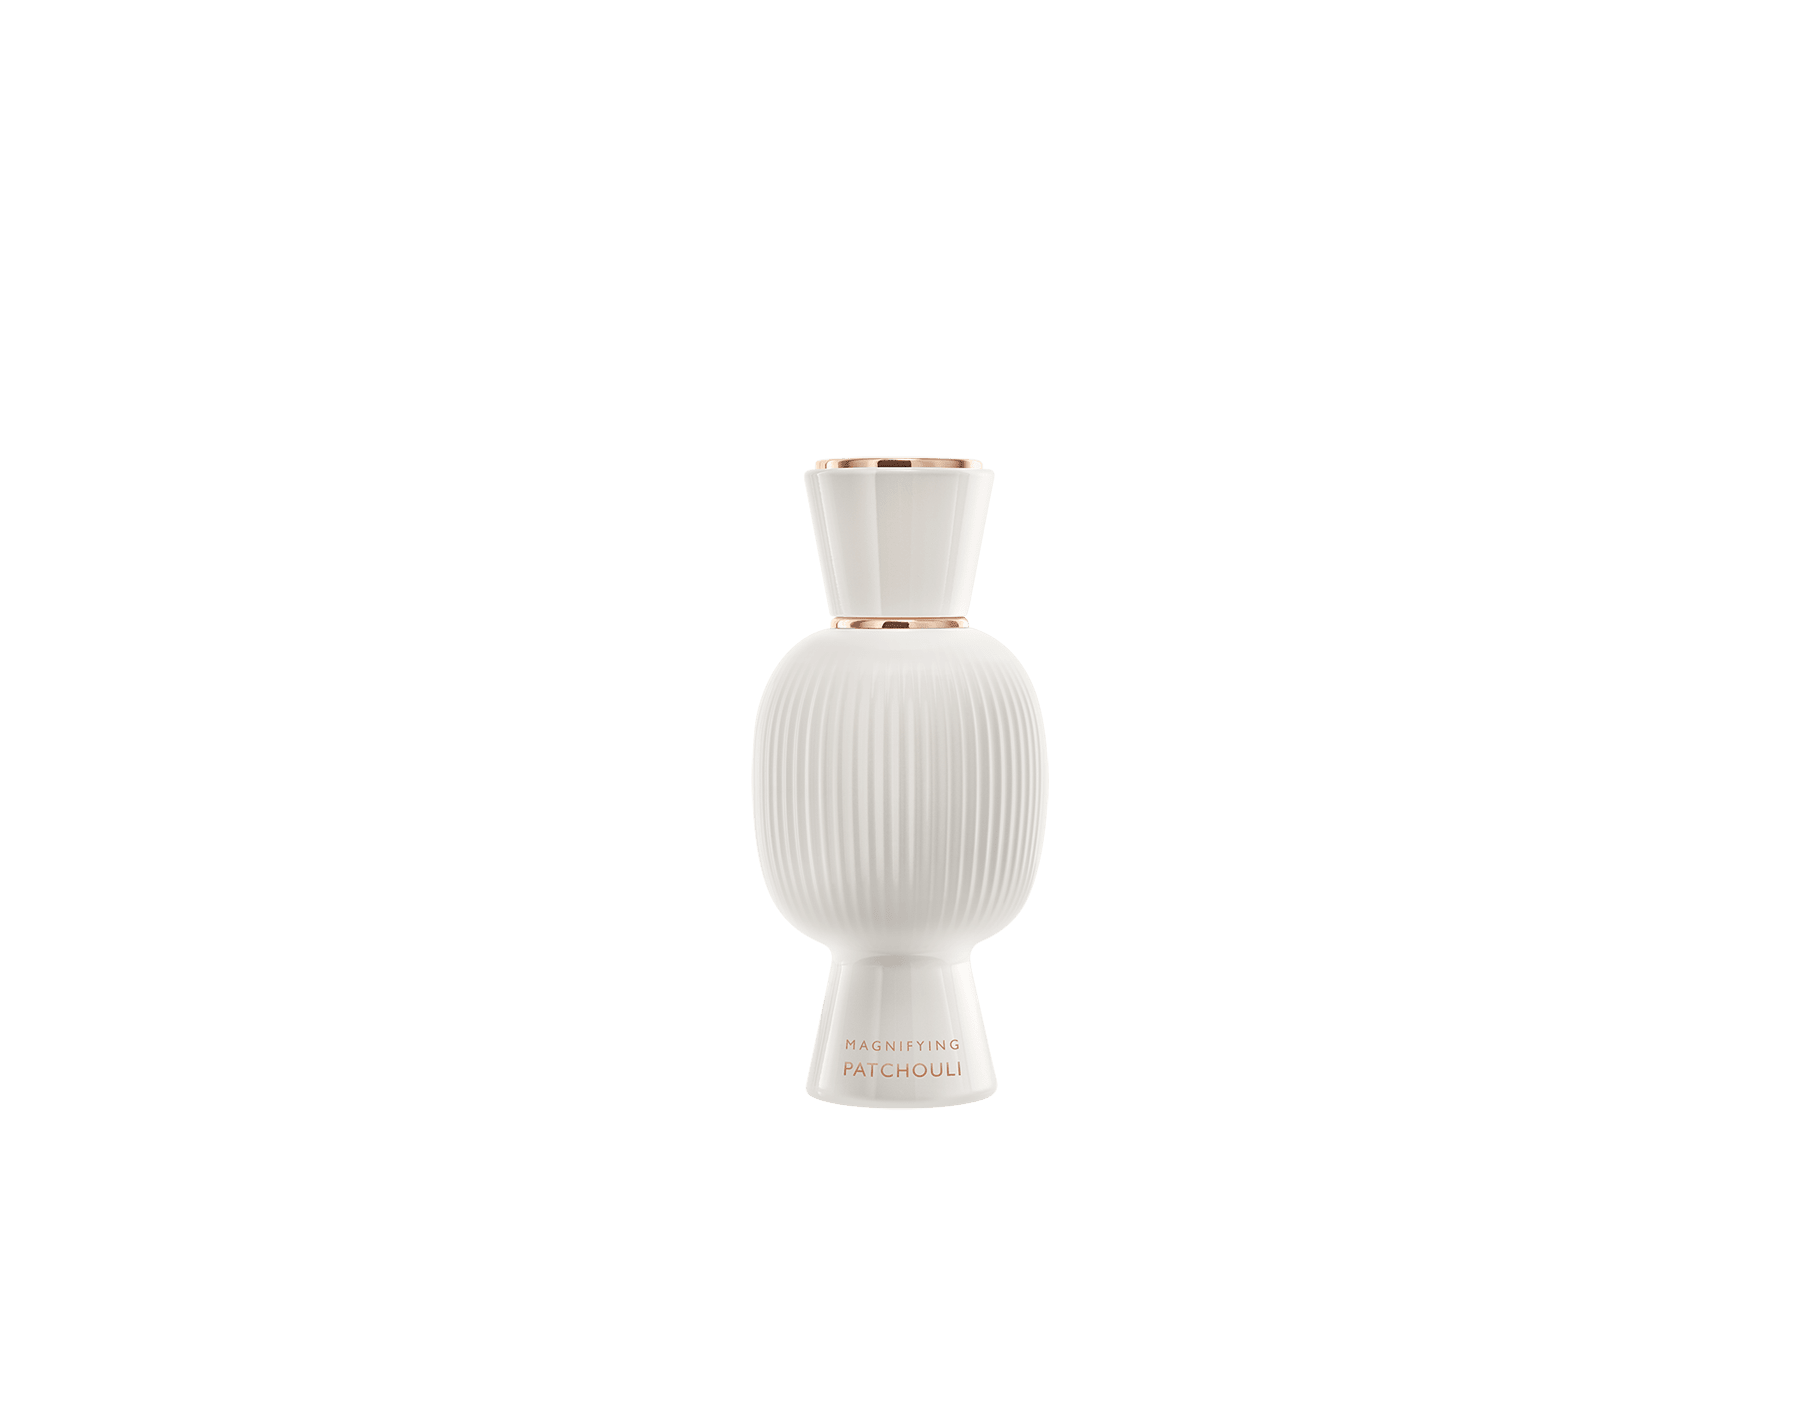 Una exclusiva combinación de perfumes, tan audaz y única como usted. El Eau de Parfum floriental licoroso Rock'n'Rome de Allegra se combina con la fuerte sensualidad de la Magnifying Patchouli Essence, creando un irresistible perfume femenino personalizado.  Perfume-Set-Rock-n-Rome-and-Patchouli-Magnifying image 3